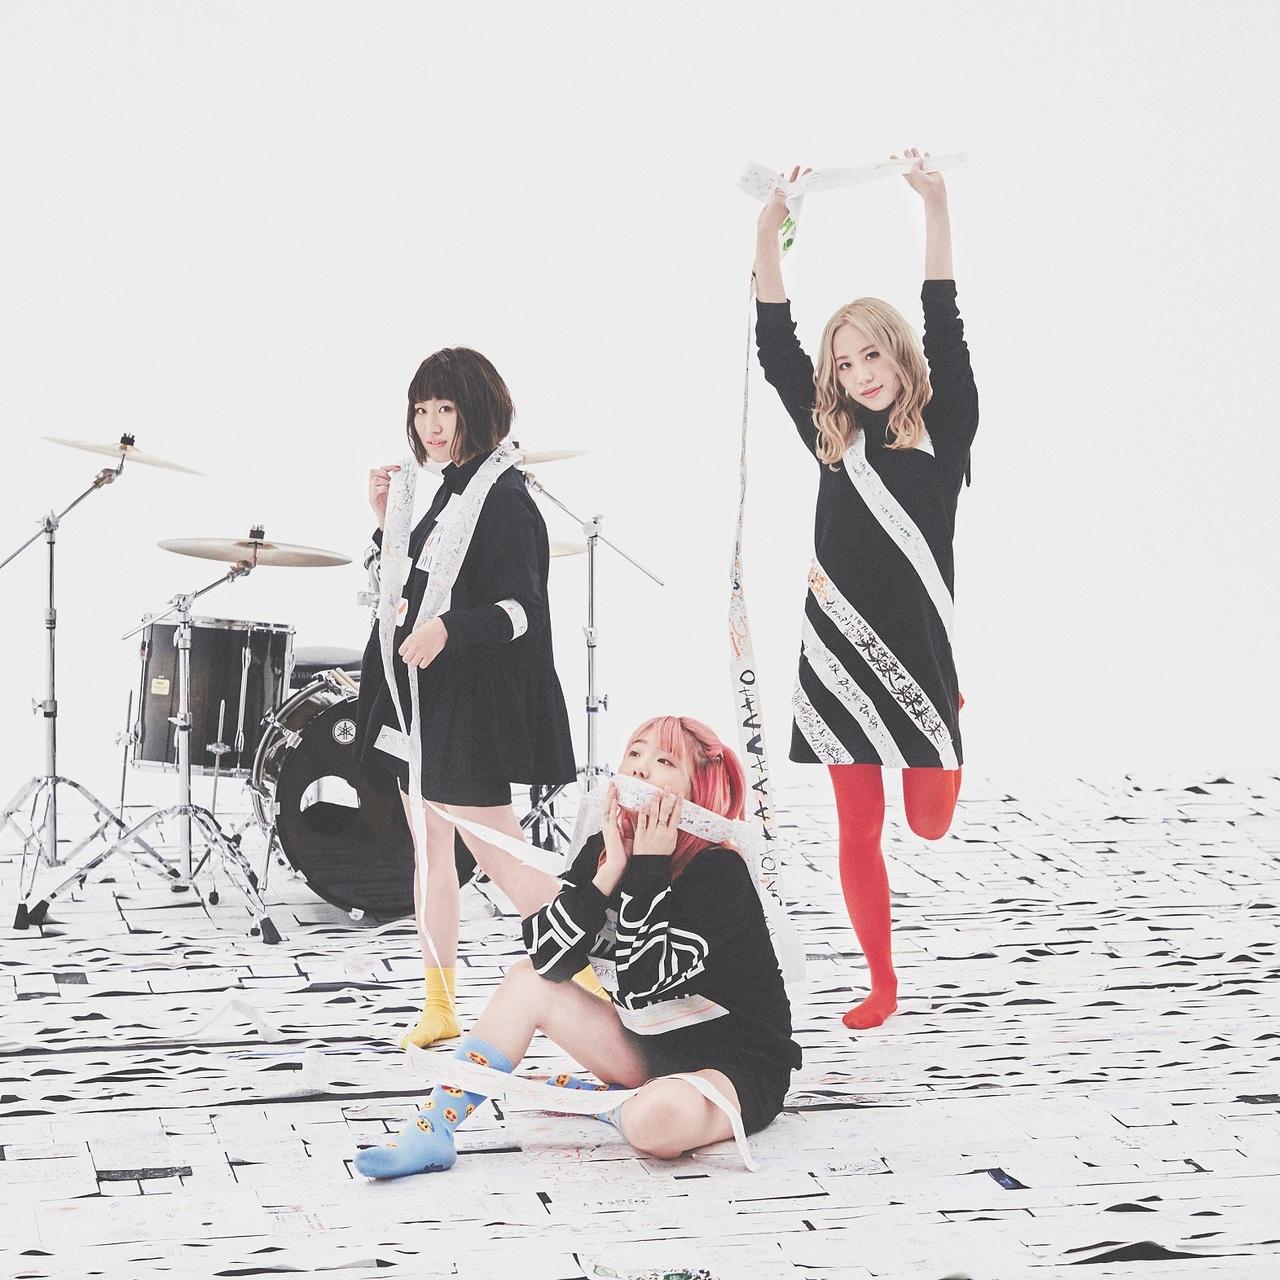 thepeggies、文房具店の試し書きだけでつくった歌が完成&MV公開!!更に、11/22を「試し書きの日」に制定!